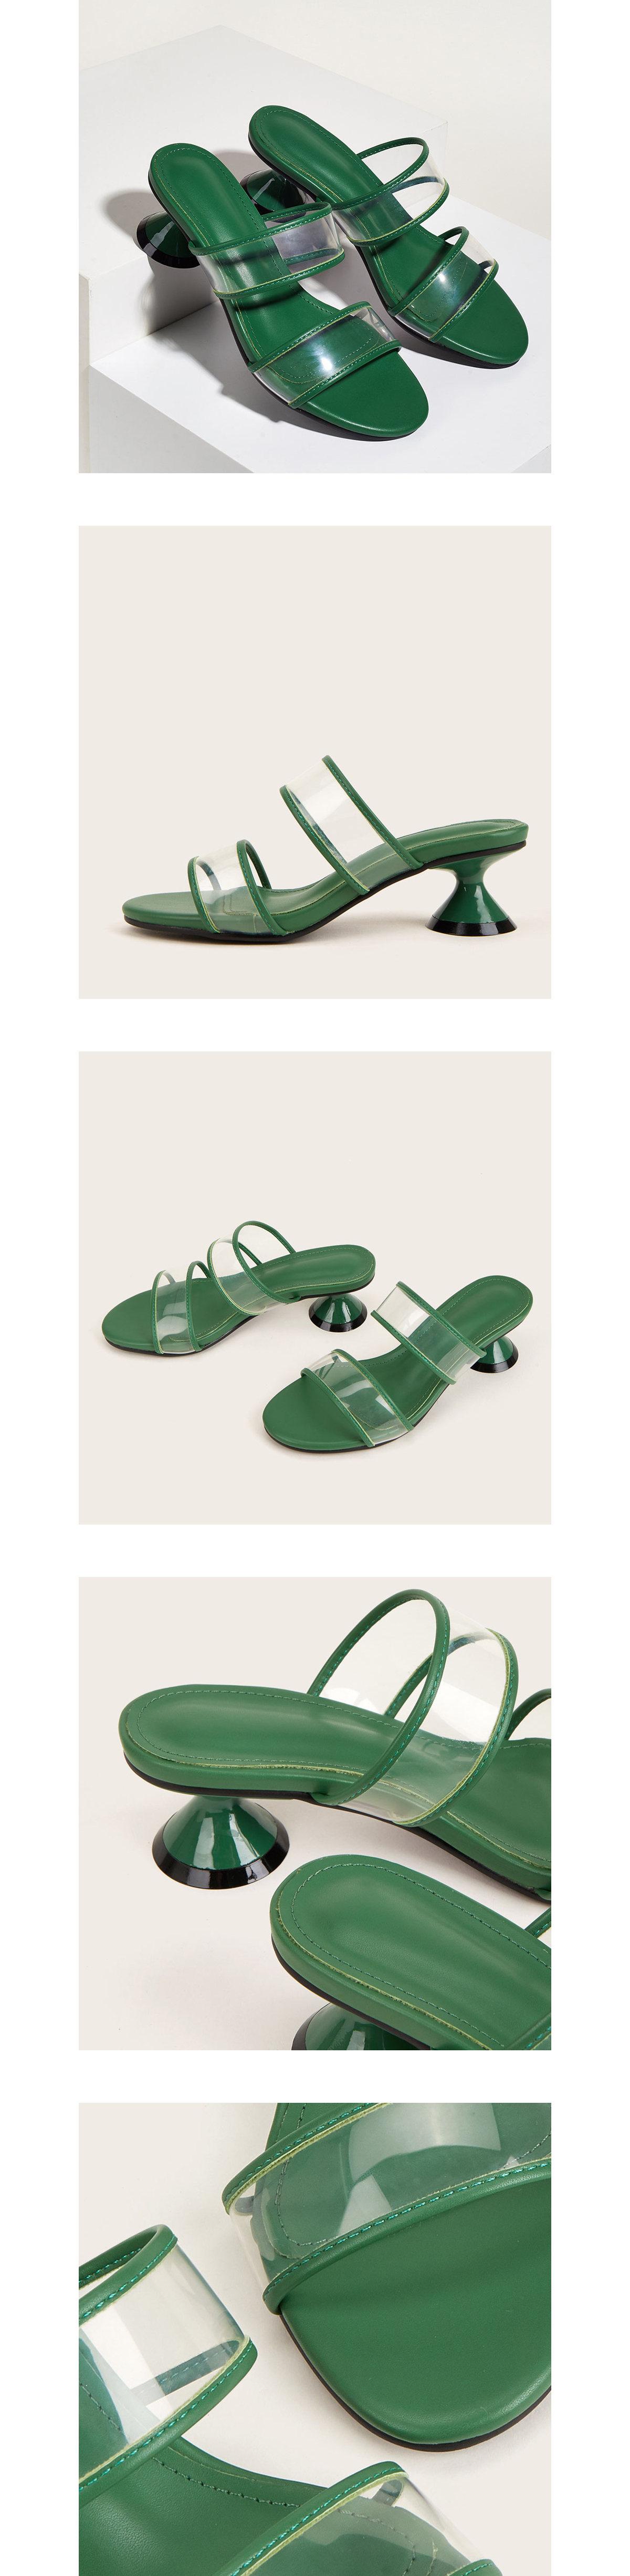 雙包邊透明低跟涼拖鞋4.5cm